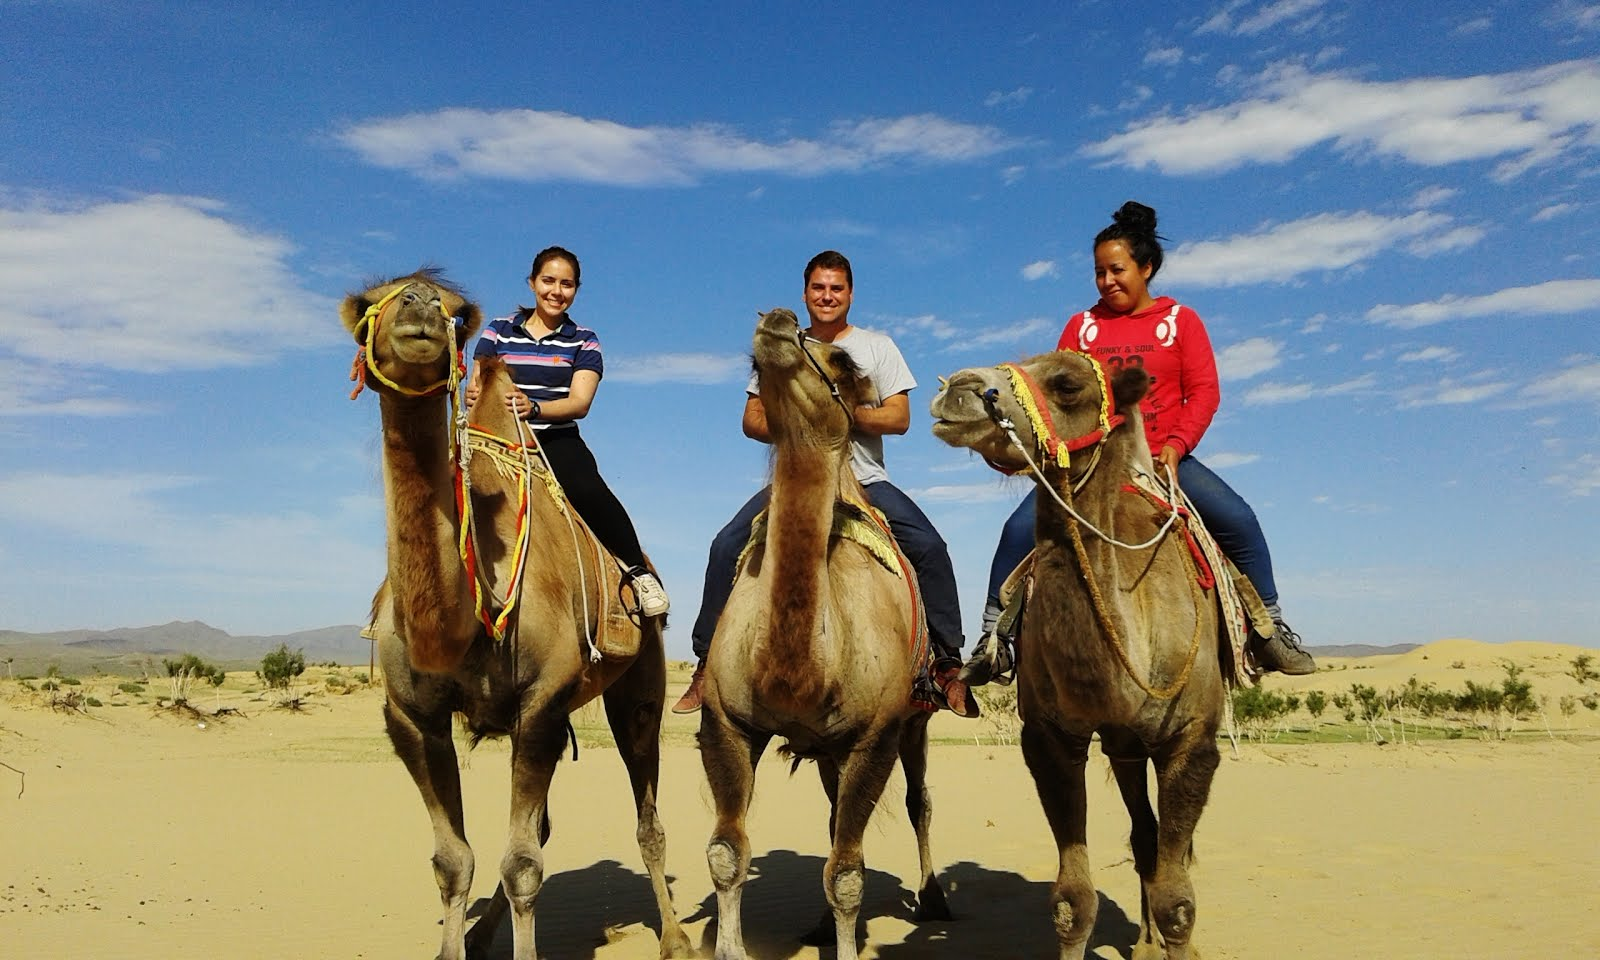 Camelos.